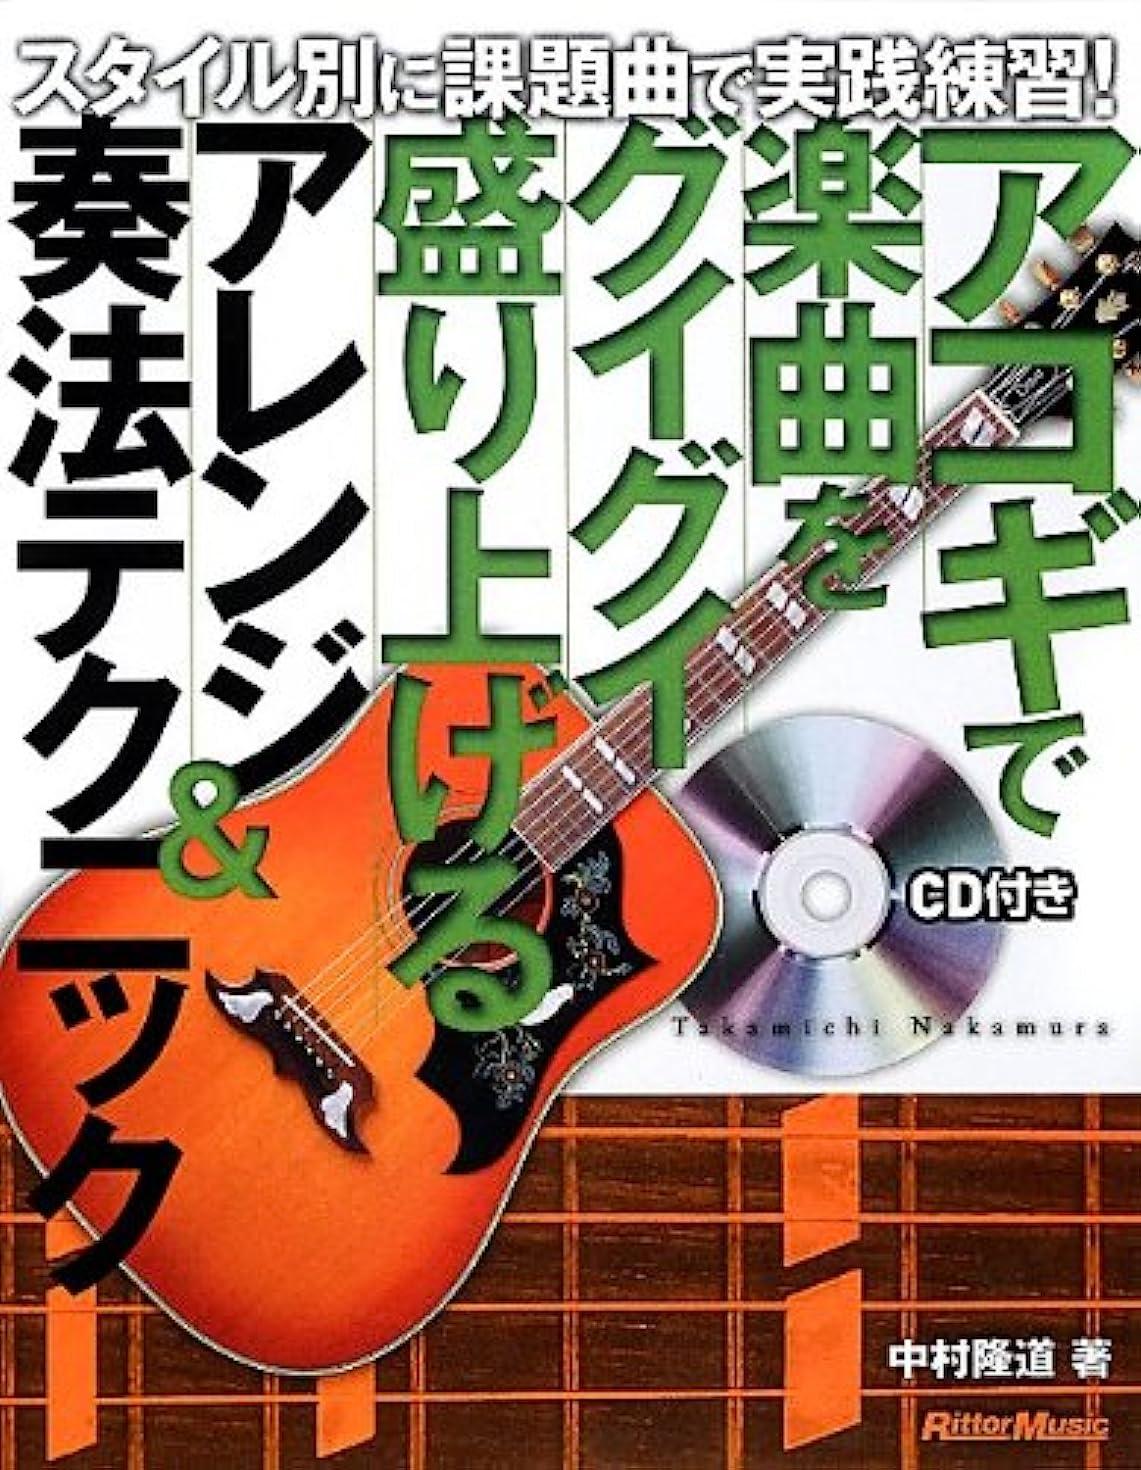 従事した最少再生アコギで楽曲をグイグイ盛り上げるアレンジ&奏法テクニック スタイル別に課題曲で実践練習! (CD付)